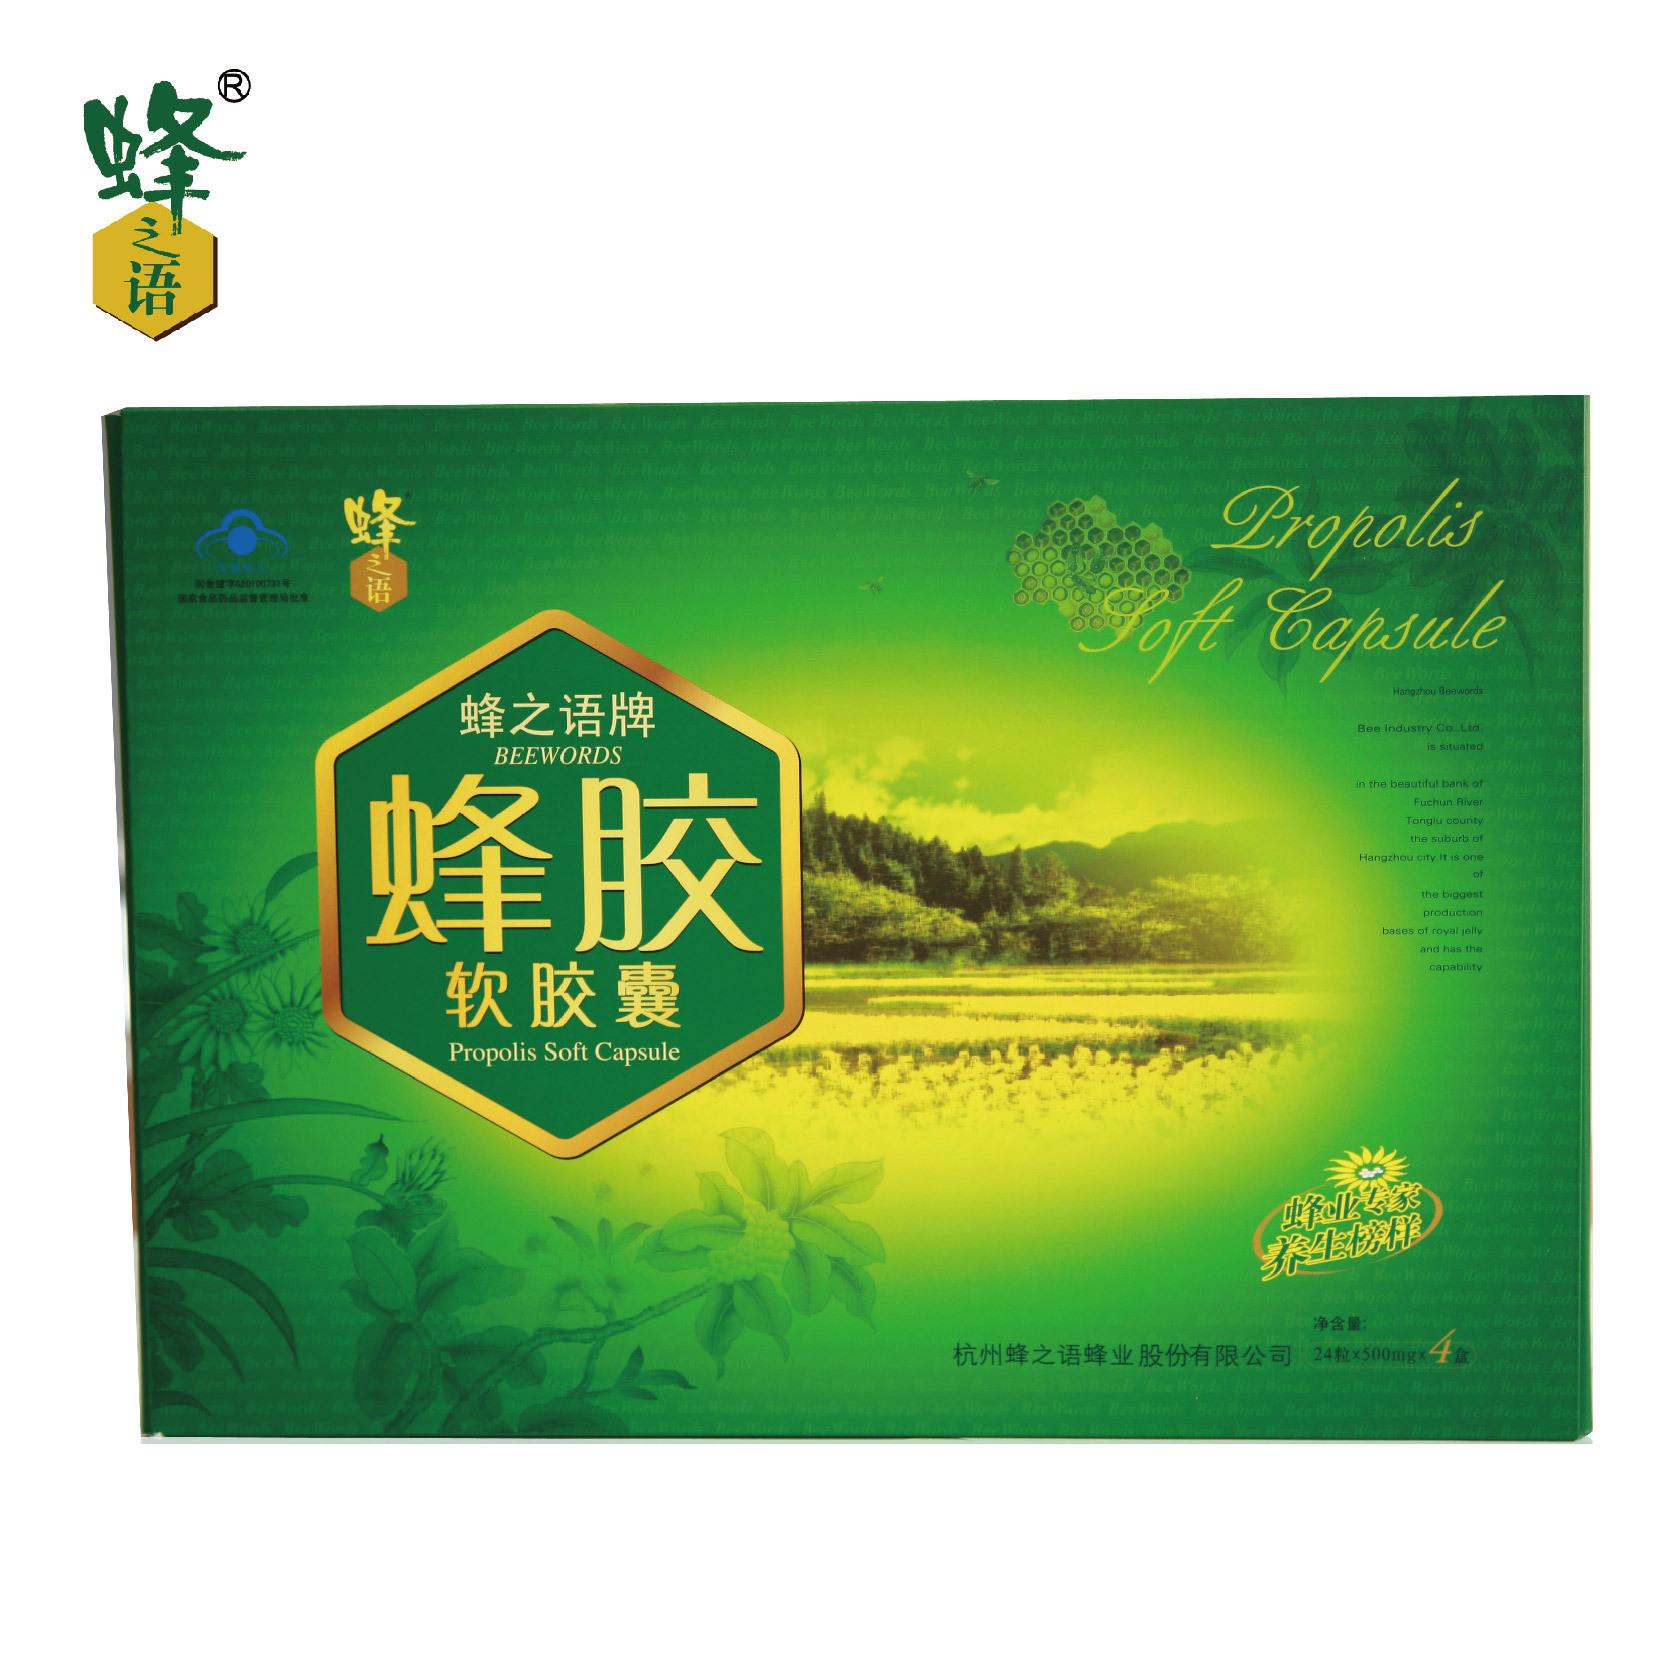 蜂之语牌蜂胶软胶囊 500mg/粒*24粒*4盒 辅助降脂品牌正品保健品